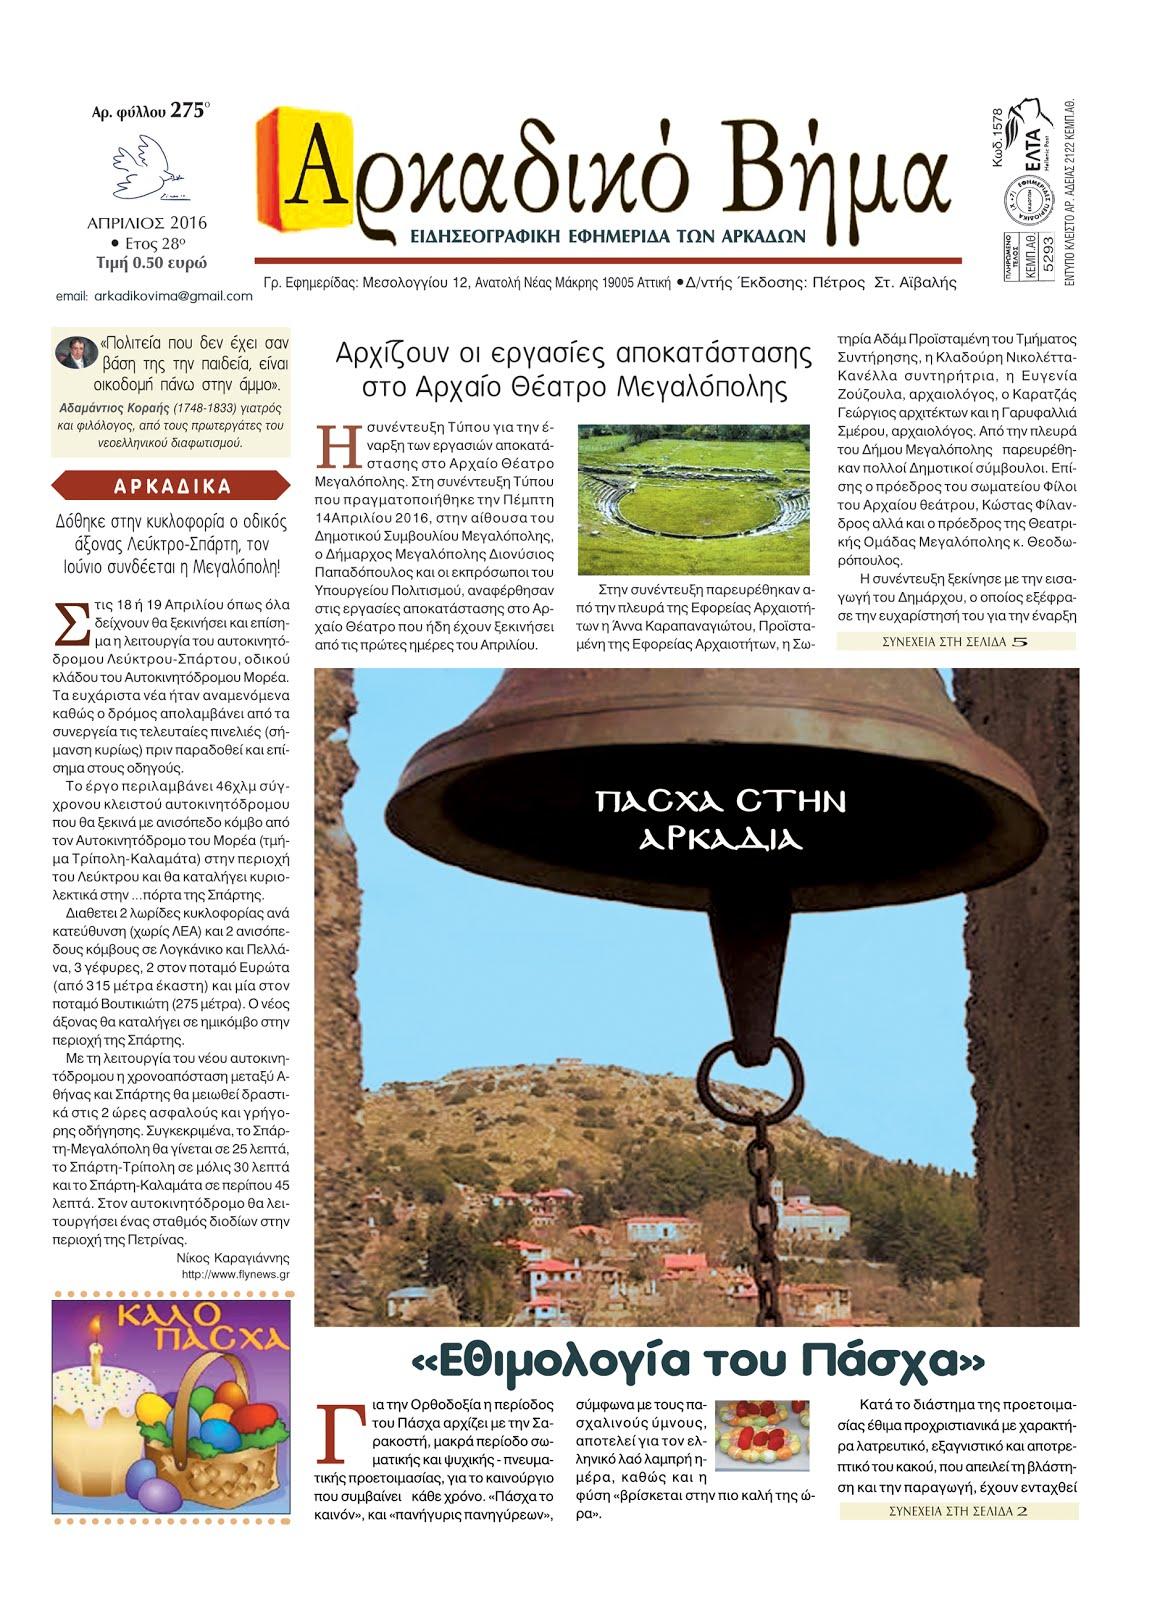 """Αρκαδικό Βήμα, κυκλοφόρησε το νέο φύλλο με θέματα: """"Εθιμολογία του Πάσχα"""","""